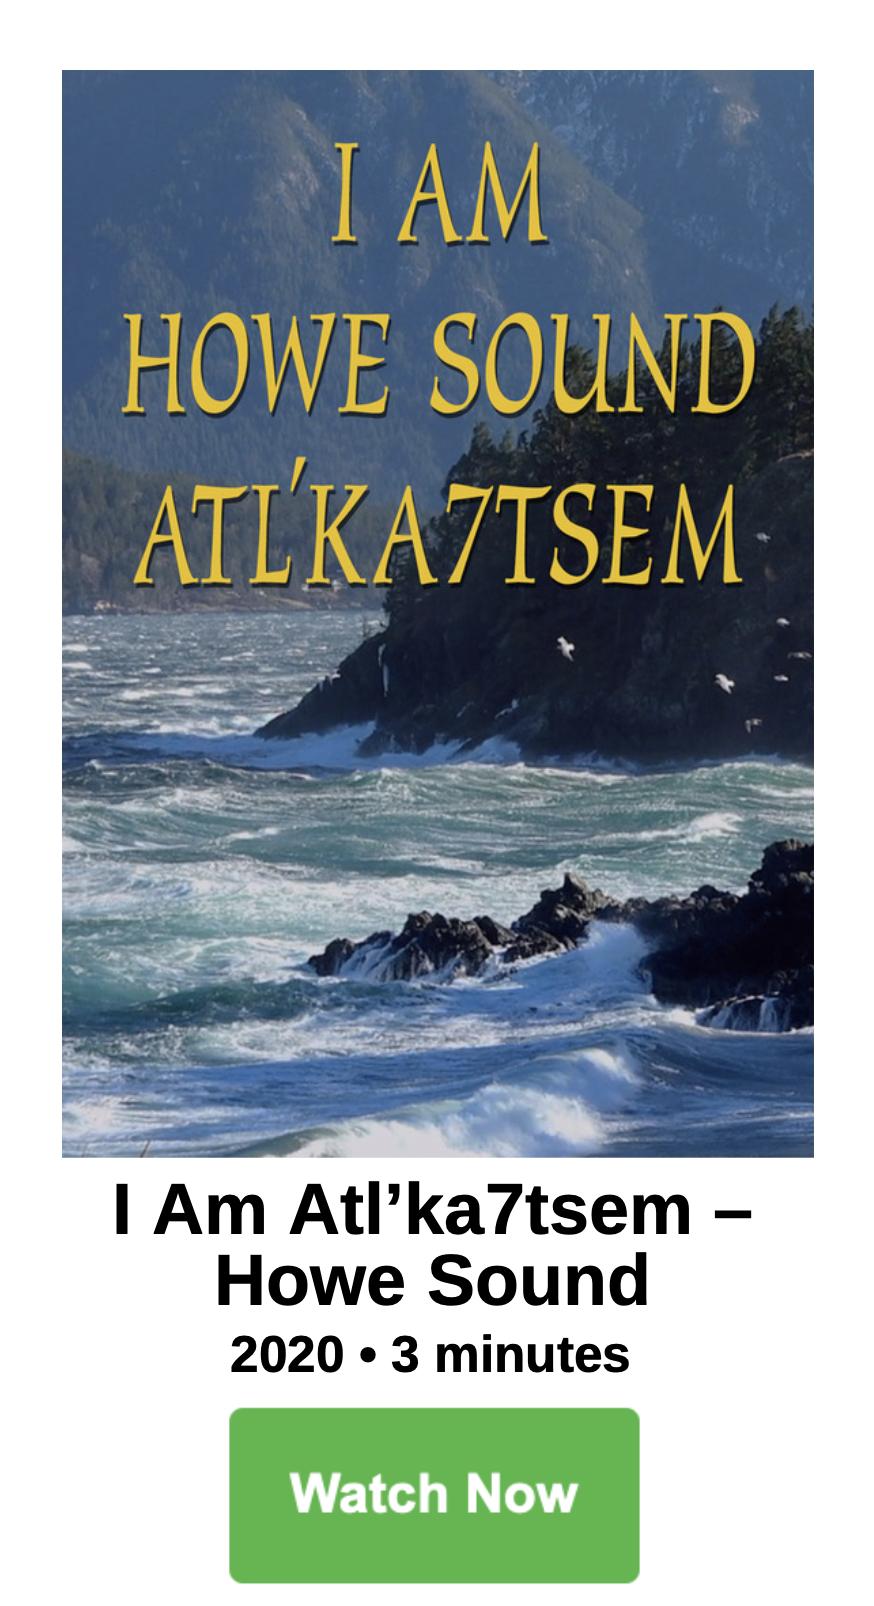 I Am Atl'ka7tsem – Howe Sound